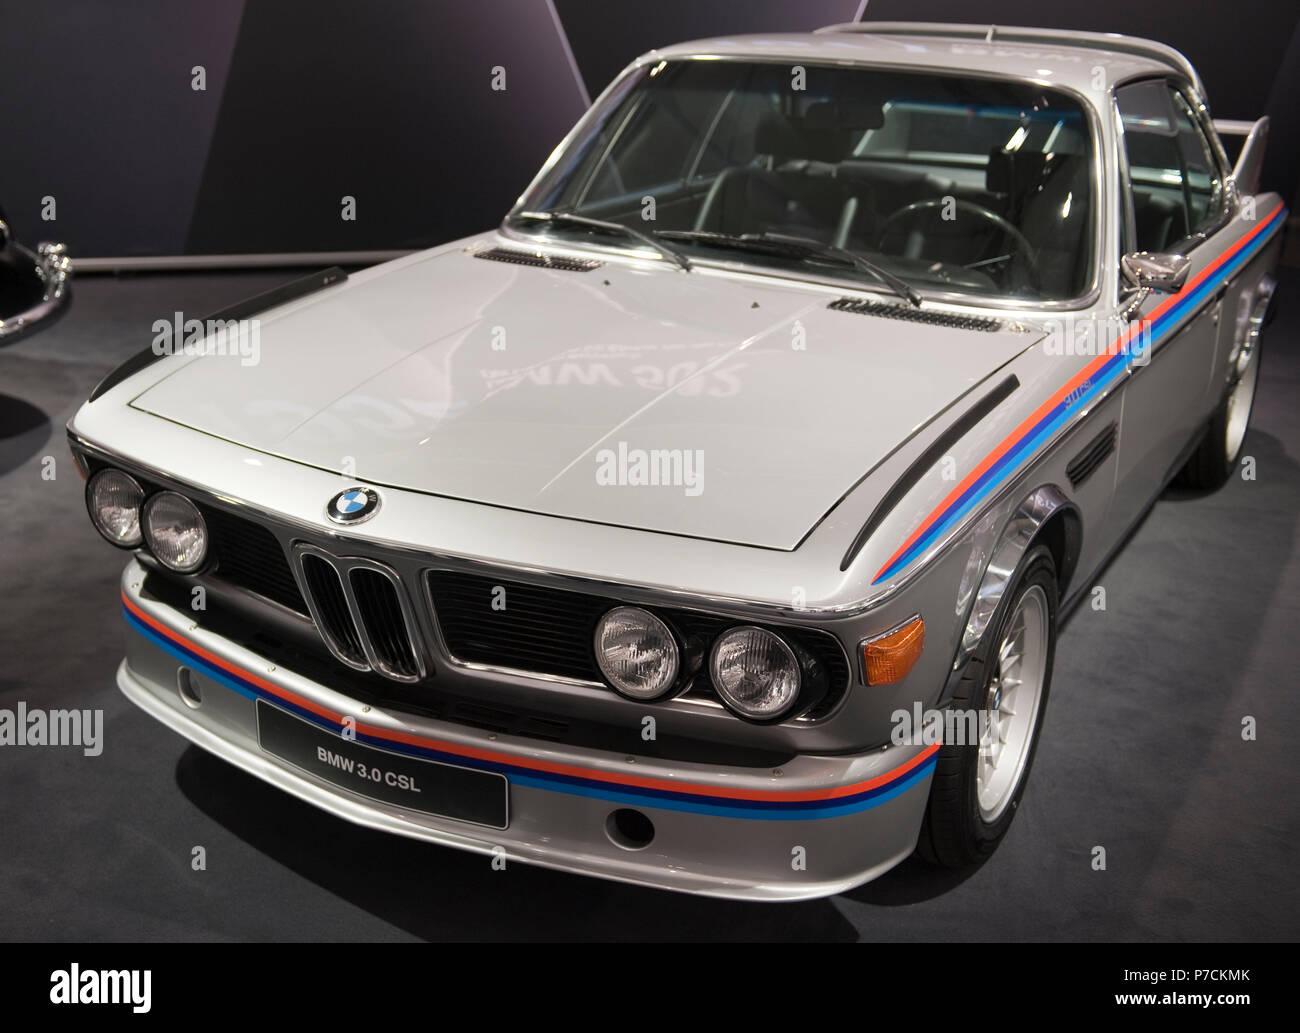 BMW 3.0 CSL - Stock Image